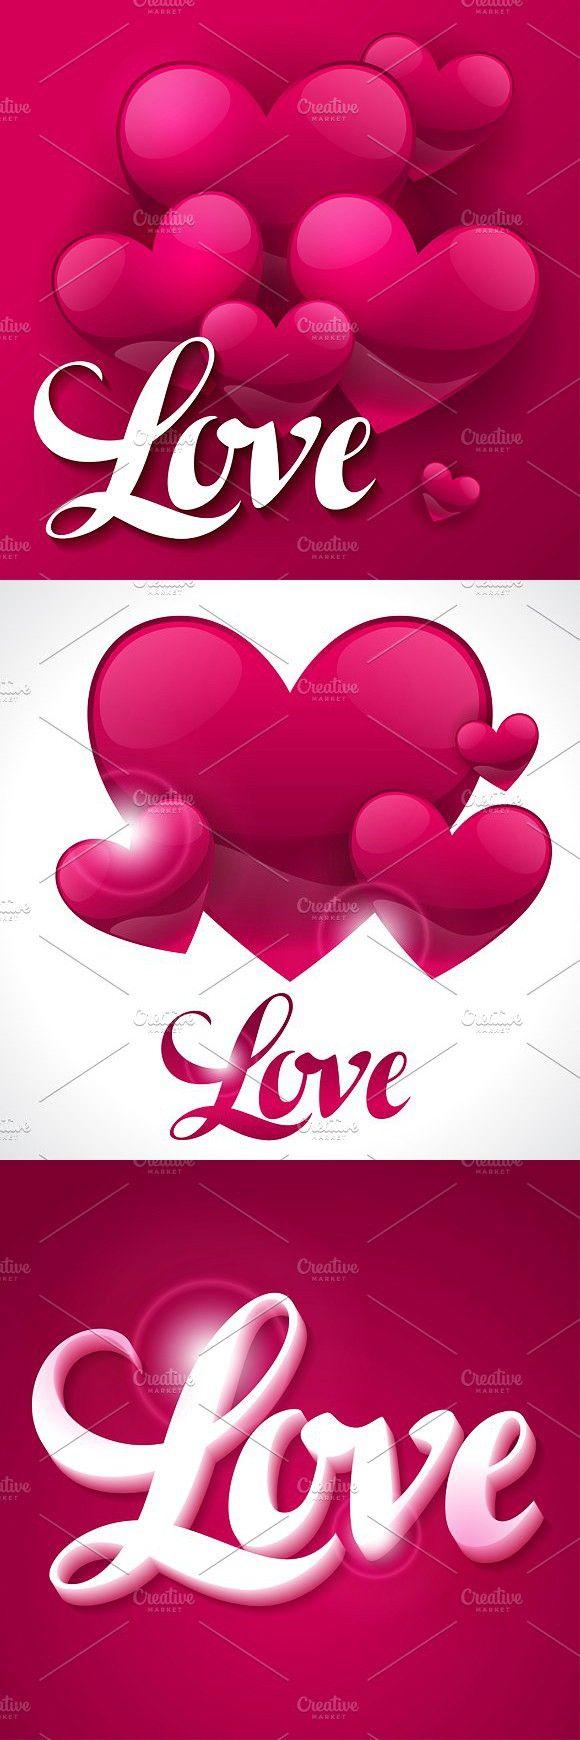 Valentine Day Backgrounds Valentines Day Background Valentine Card Design